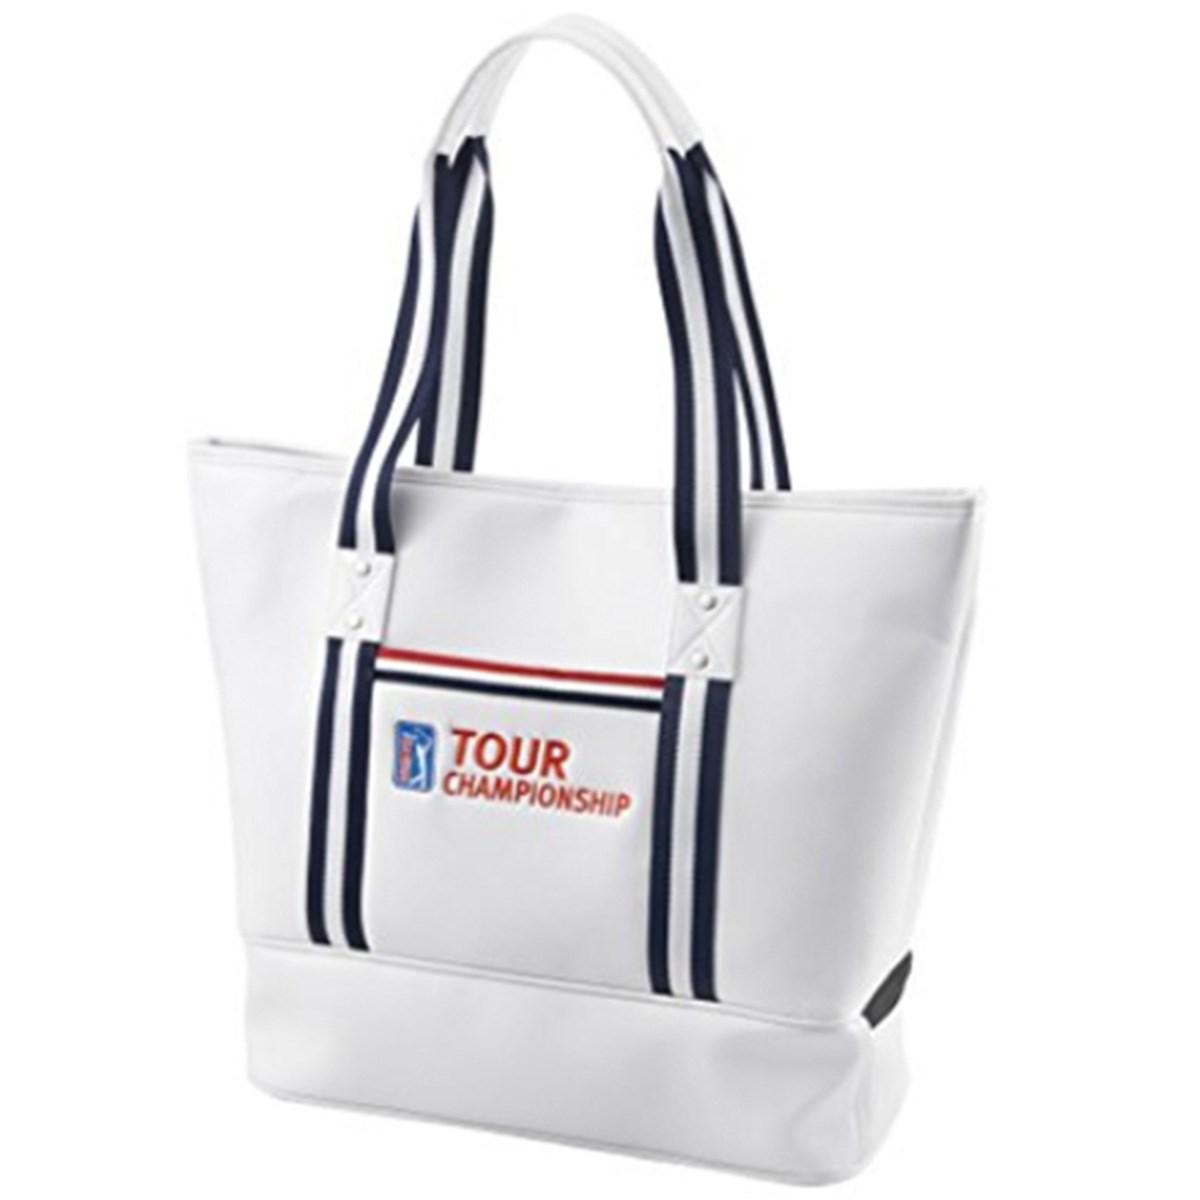 [アウトレット] [在庫限りのお買い得商品] ダイヤゴルフ DAIYA GOLF US PGA TOURトートバッグ ホワイト メンズ